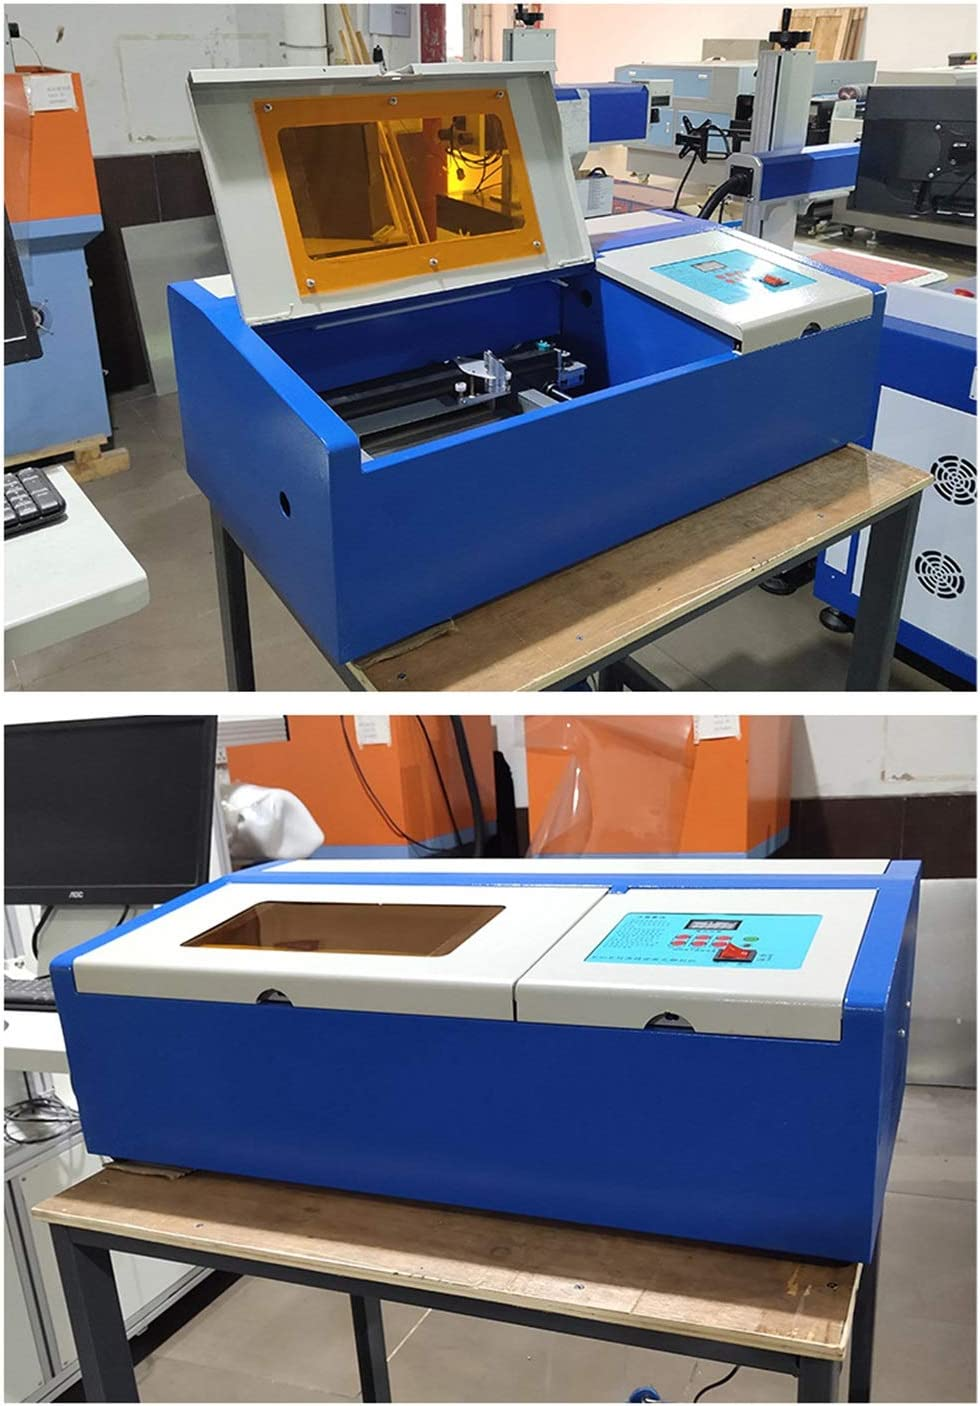 Multi-Funktions-Gravur-Schneidemaschine mit Einer USB-Port Multifunktions-Schneide H/örsein Kleiner Laserschneiden Plotter Laser-Gravur-Maschine